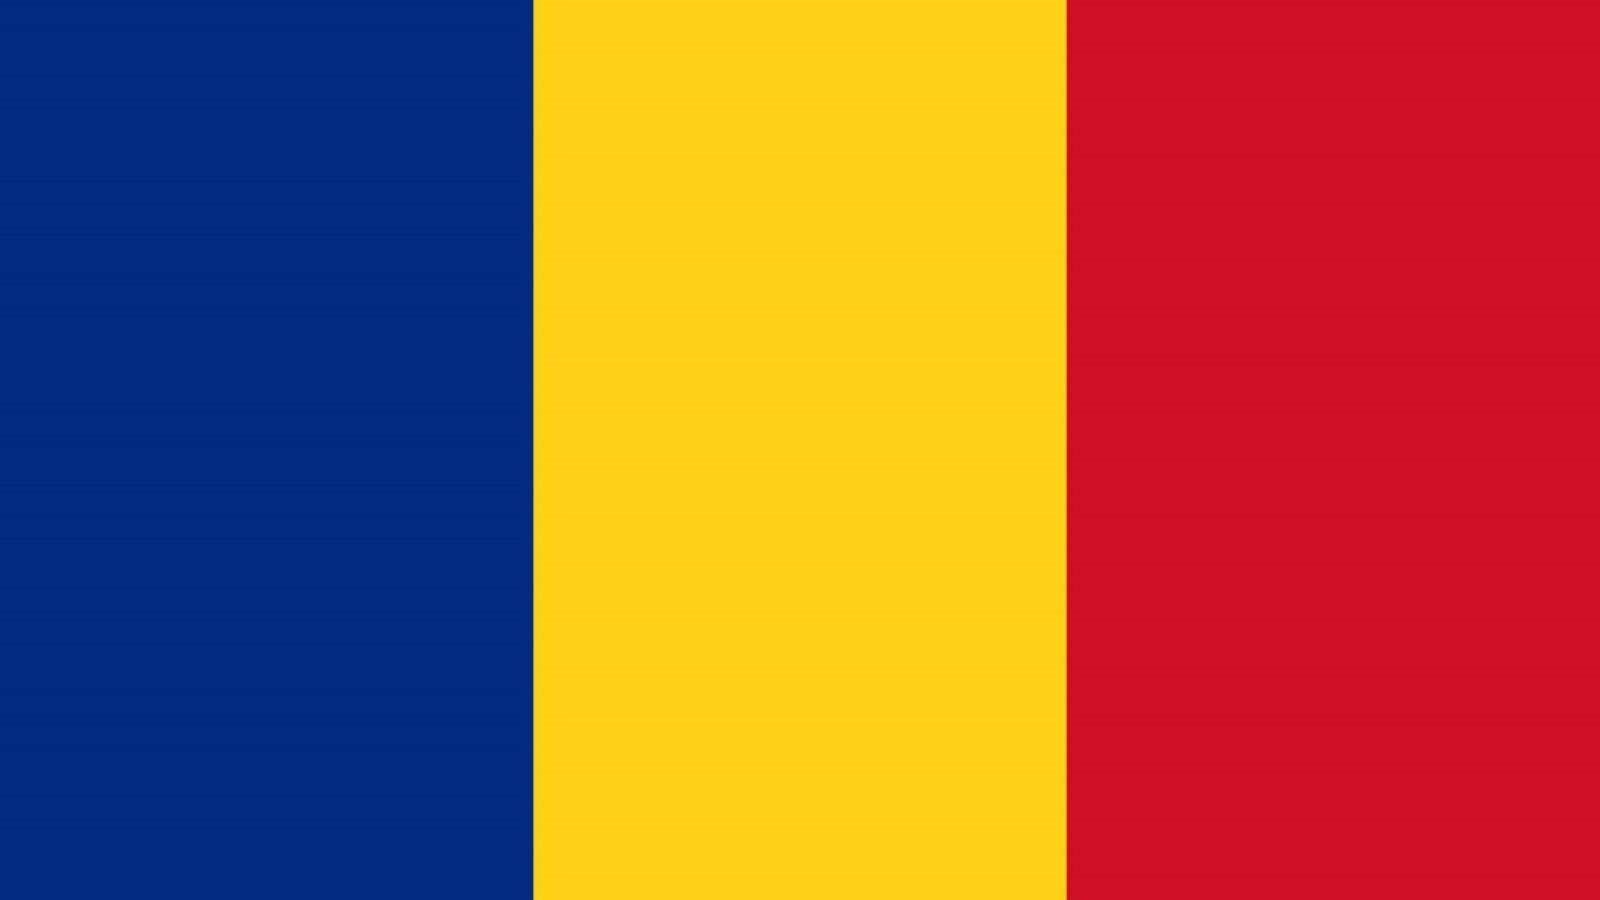 Vaccinarea fara Programare 8 Mai Romania